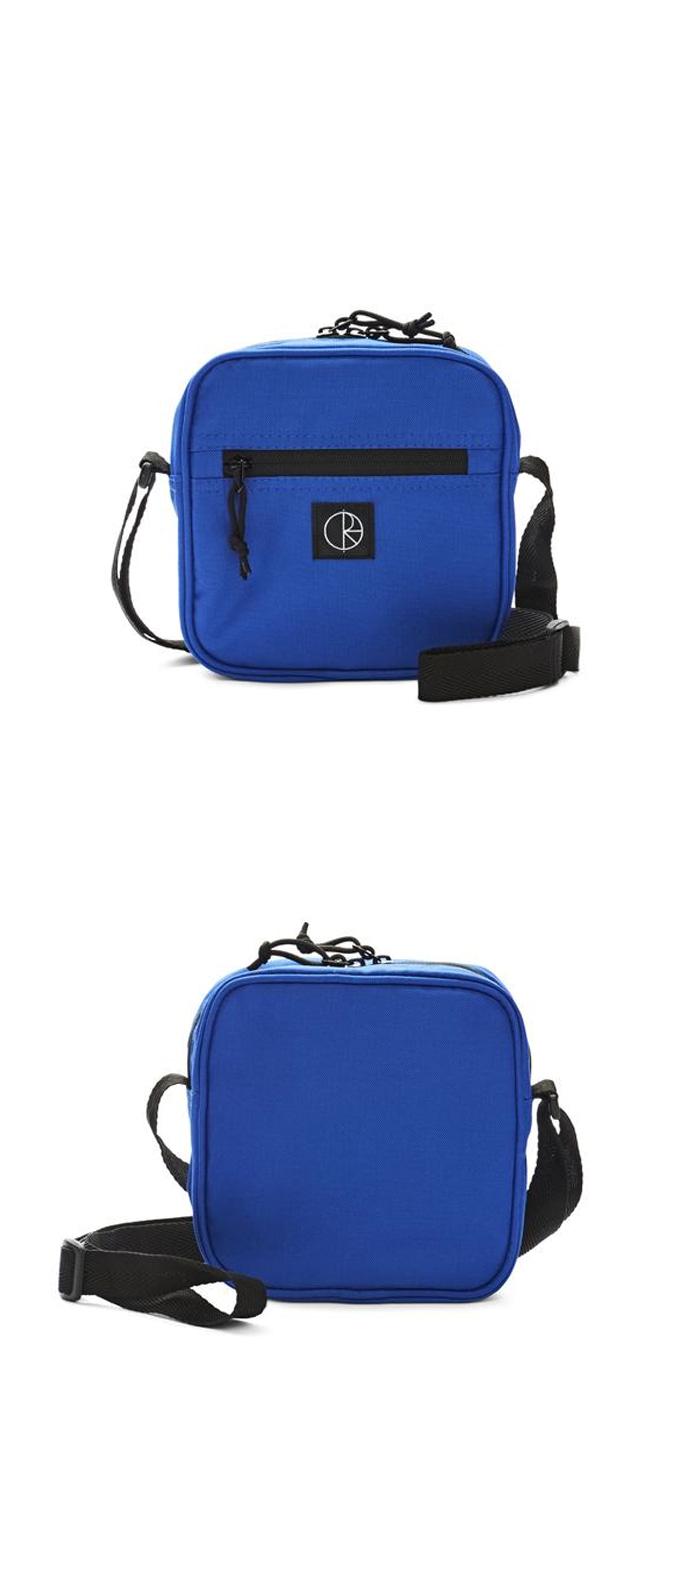 폴라(POLAR) Cordura Dealer Bag - Blue